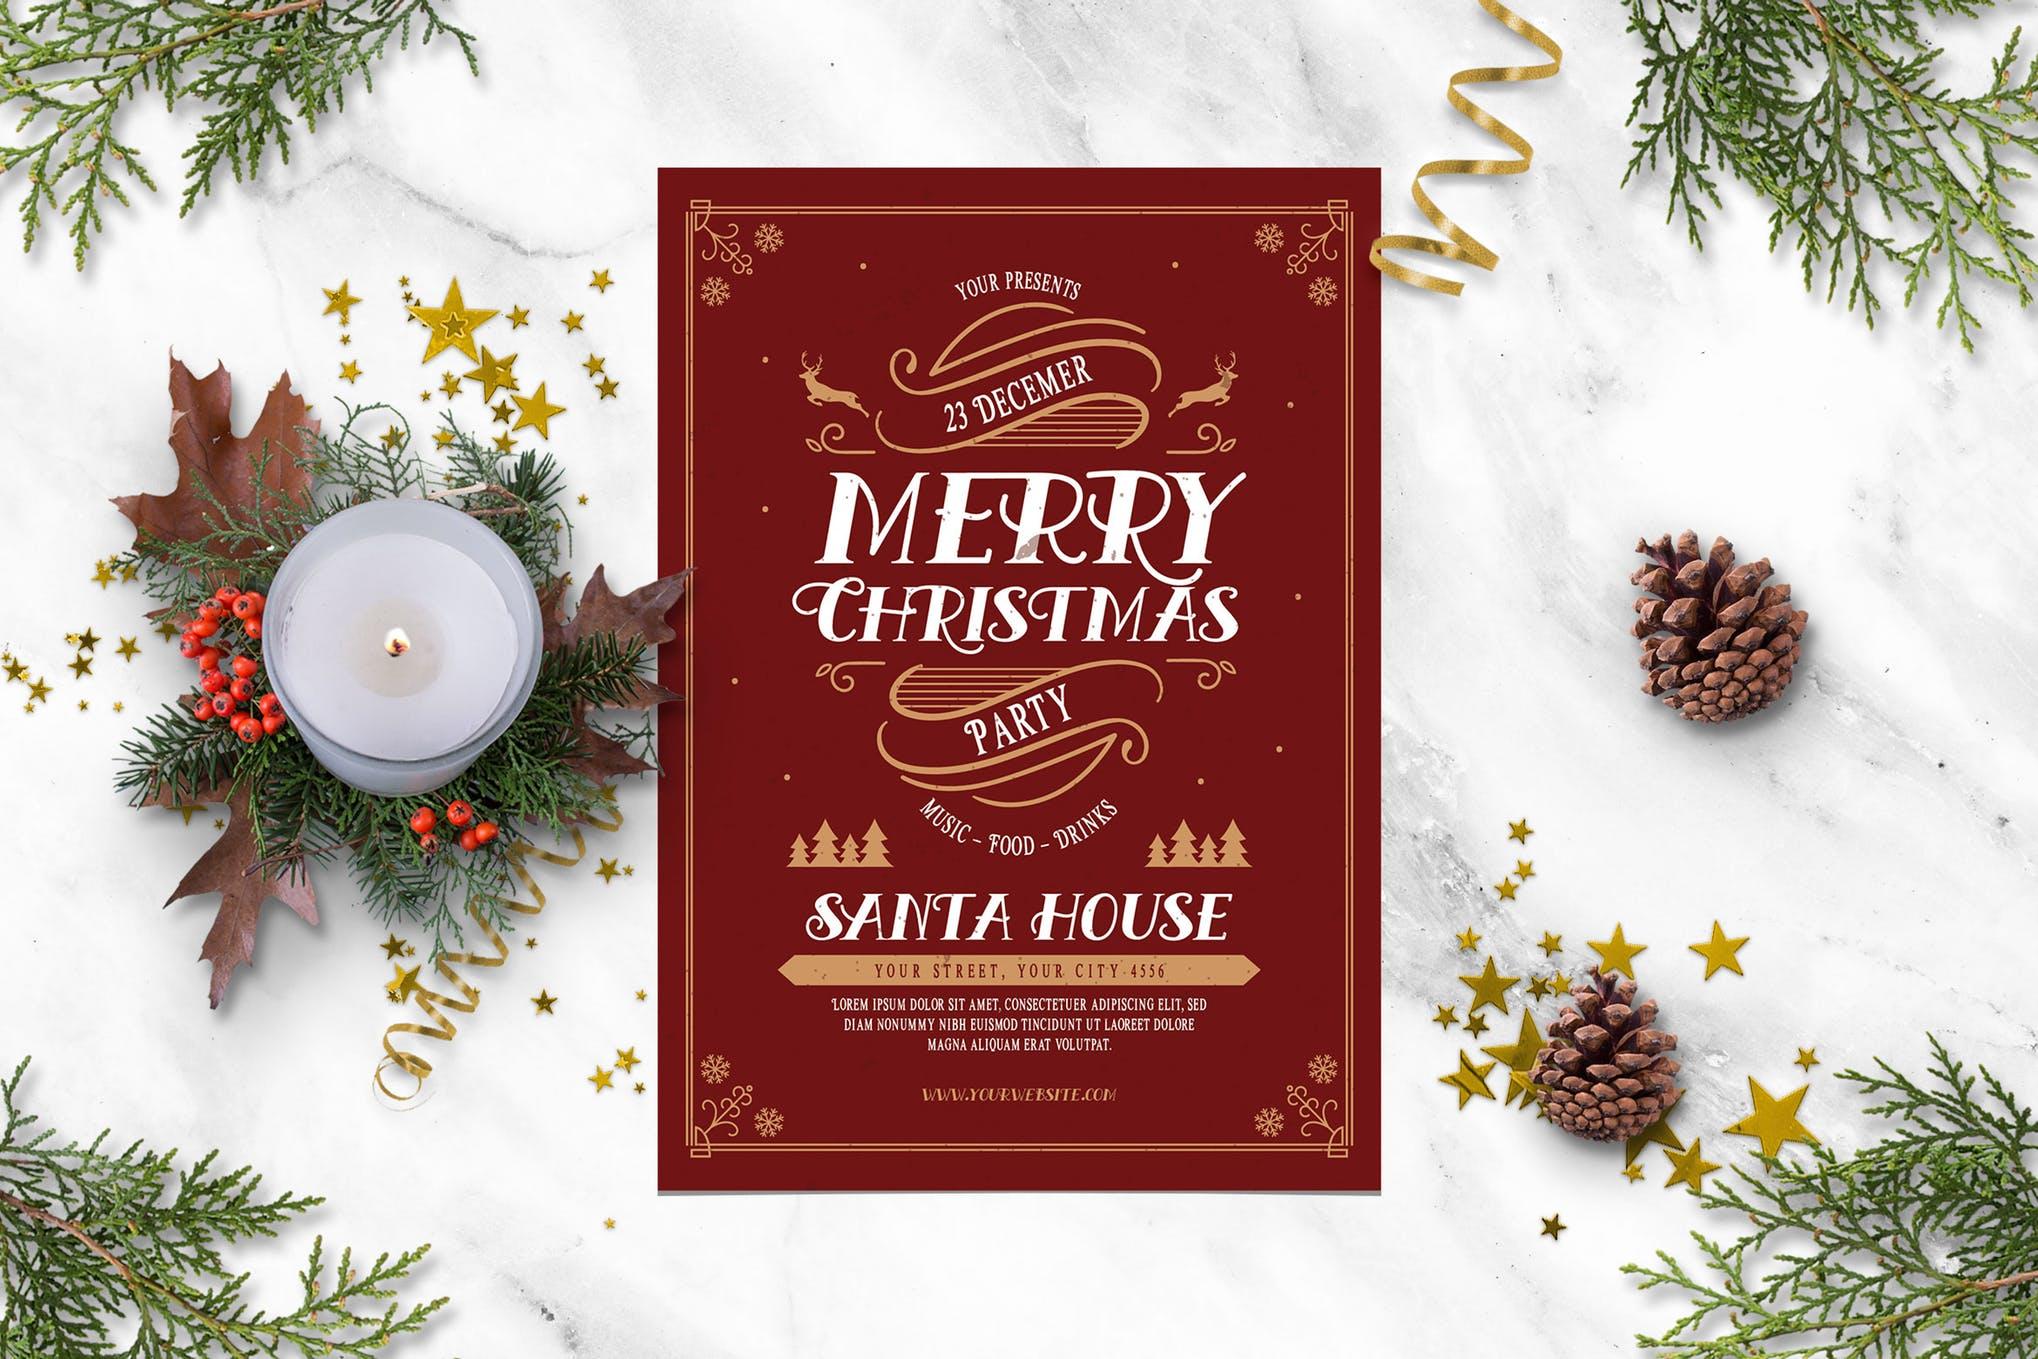 怀旧圣诞节庆祝活动传单庆卡